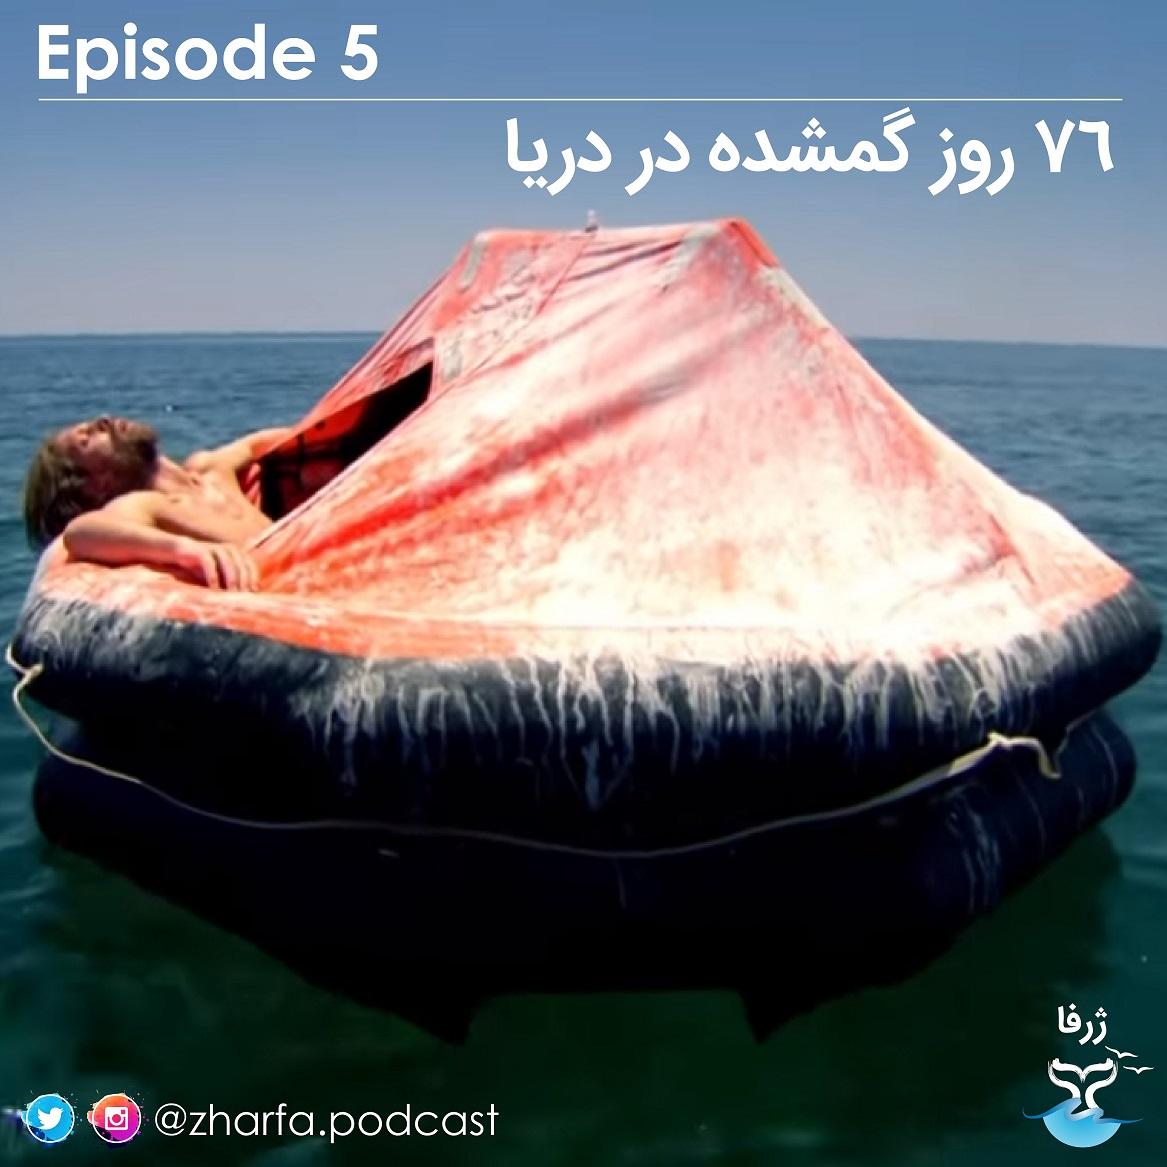 مرور پادکستهای فارسی (هفته سوم مرداد) - کوتاه از ژرفا